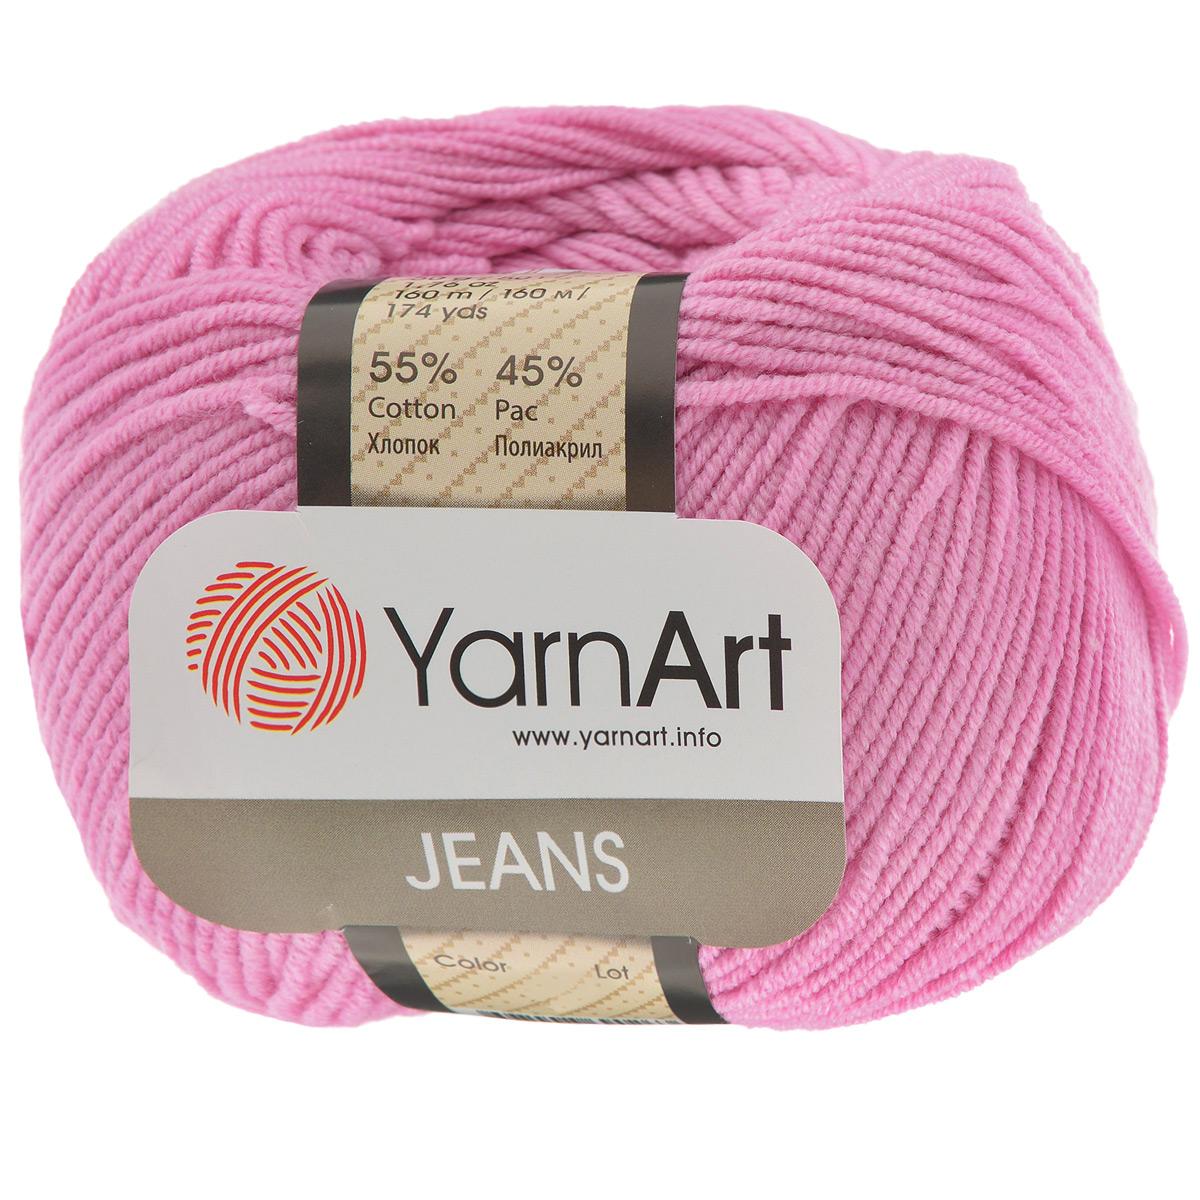 Пряжа для вязания YarnArt Jeans, цвет: розовый (42), 160 м, 50 г, 10 шт372001_42Пряжа YarnArt Jeans изготовлена из высококачественного хлопка и полиакрила. Особенность технологии изготовления этой пряжи состоит в нежёстком кручении нити, в результате чего нить становится очень удобной для вязки, поскольку не распадается на отдельные волокна. Высокопрочная и долговечная пряжа мягкая на ощупь, а благодаря содержанию волокон акрила изделия из неё не сминаются. Даже после многократных стирок изделия отлично сохраняют внешний вид, что очень важно для вязаных изделий детского ассортимента. Цветовая гамма пряжи YarnArt Jeans очень богатая, вы можете пополнить свой гардероб изделиями из неё на любой сезон: джемпером, жакетом, свитером и другими полезными и оригинальными вещами, которые прослужат вам и вашим близким очень долго и не создадут трудностей в уходе за ними. Рекомендуется для вязания на крючках и спицах 3,5 мм. Состав: 55% хлопок, 45% полиакрил.